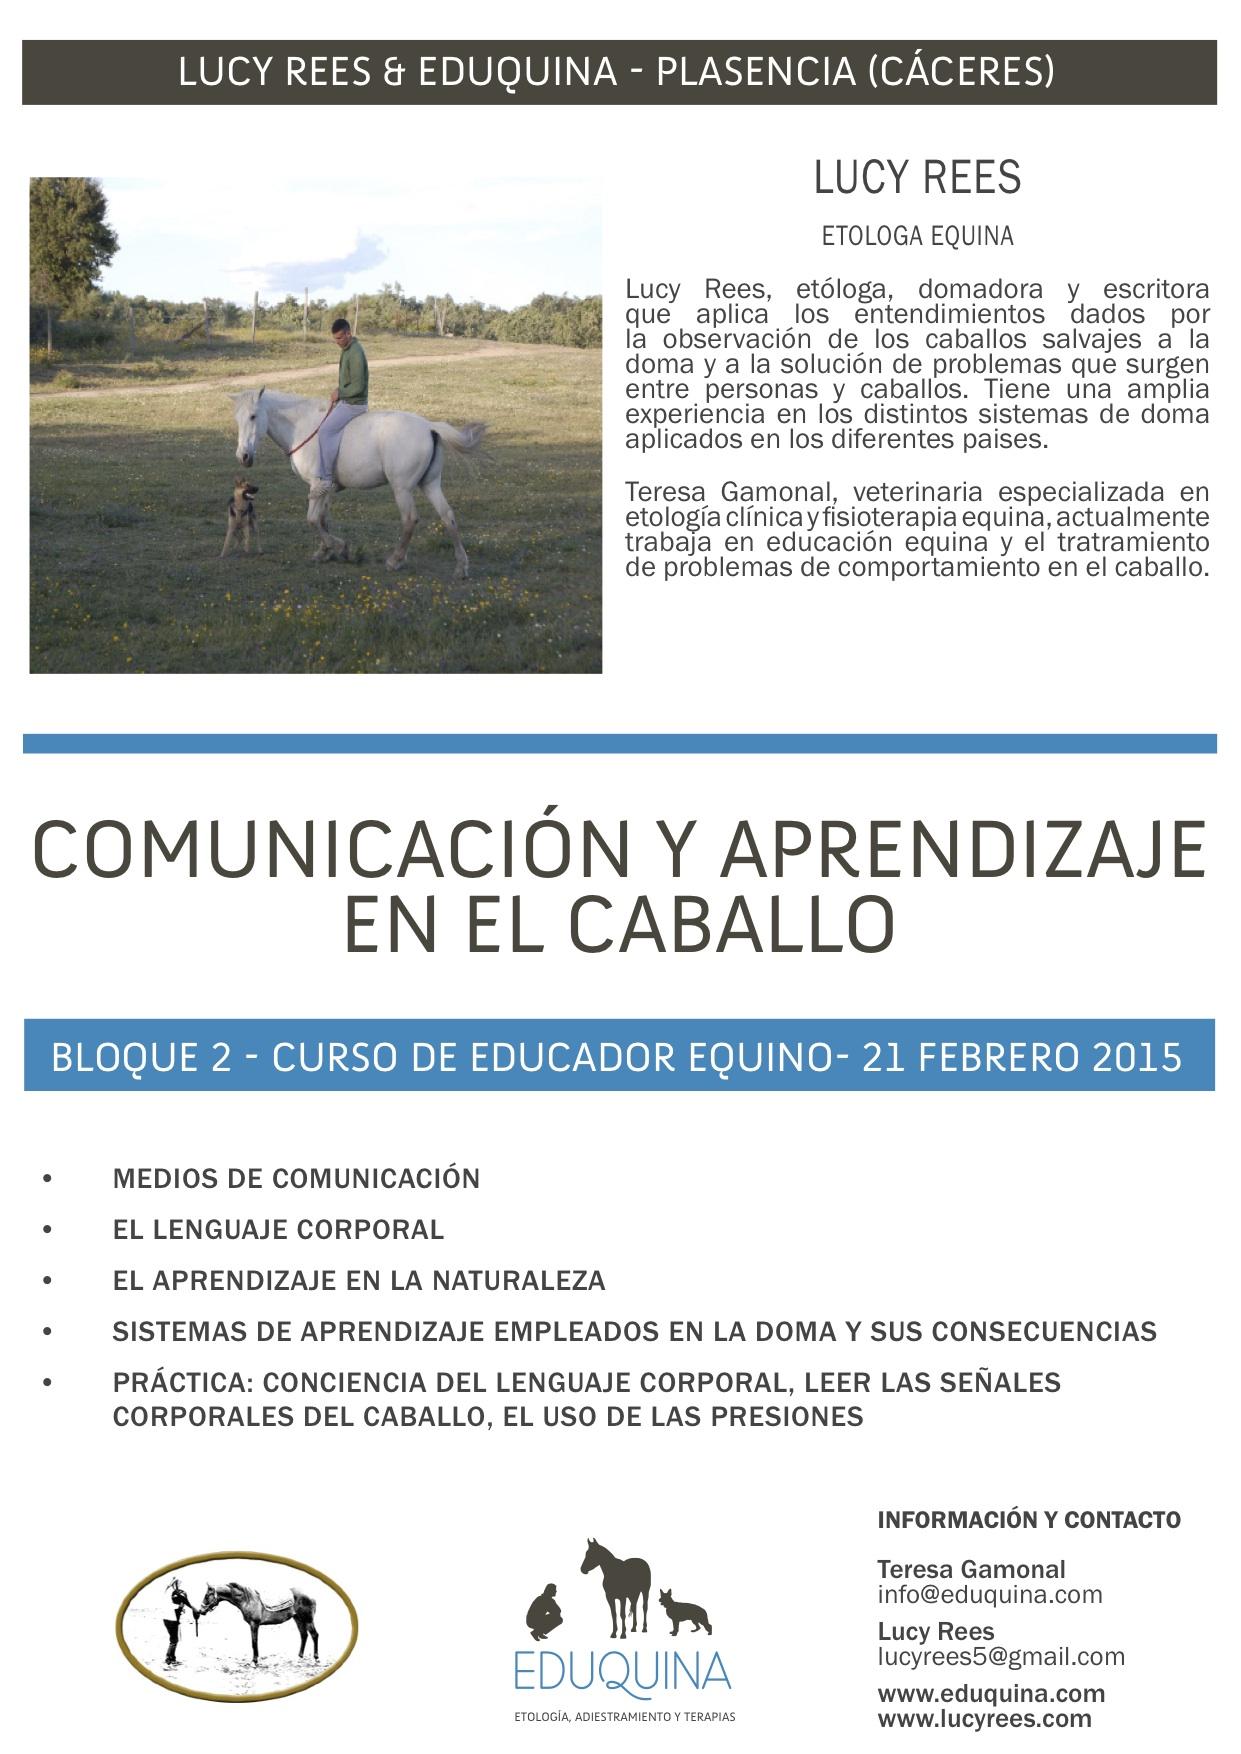 Curso de Comunicación y Aprendizaje en el Caballo. Lucy Rees y Teresa Gamonal.